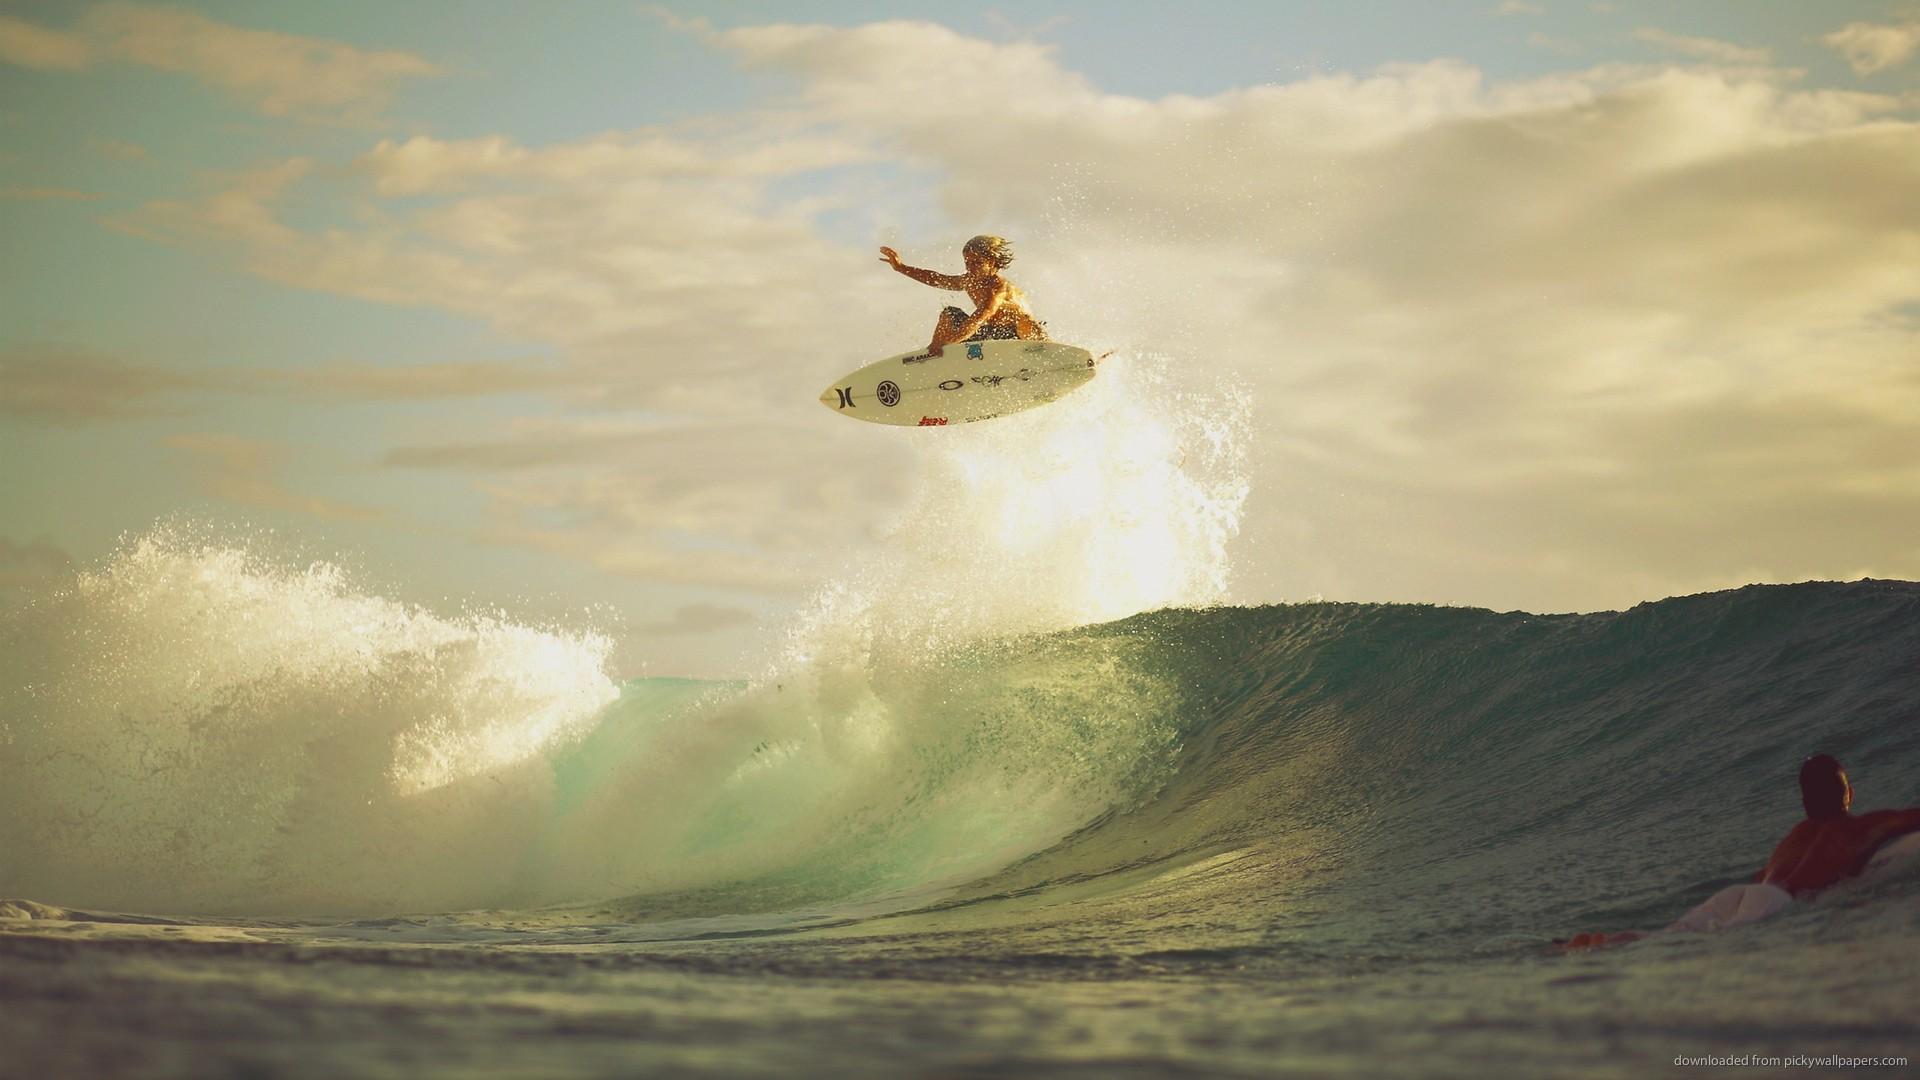 URL httpwwwsmscscomphotosurfing wallpaper 1920x1080html 1920x1080